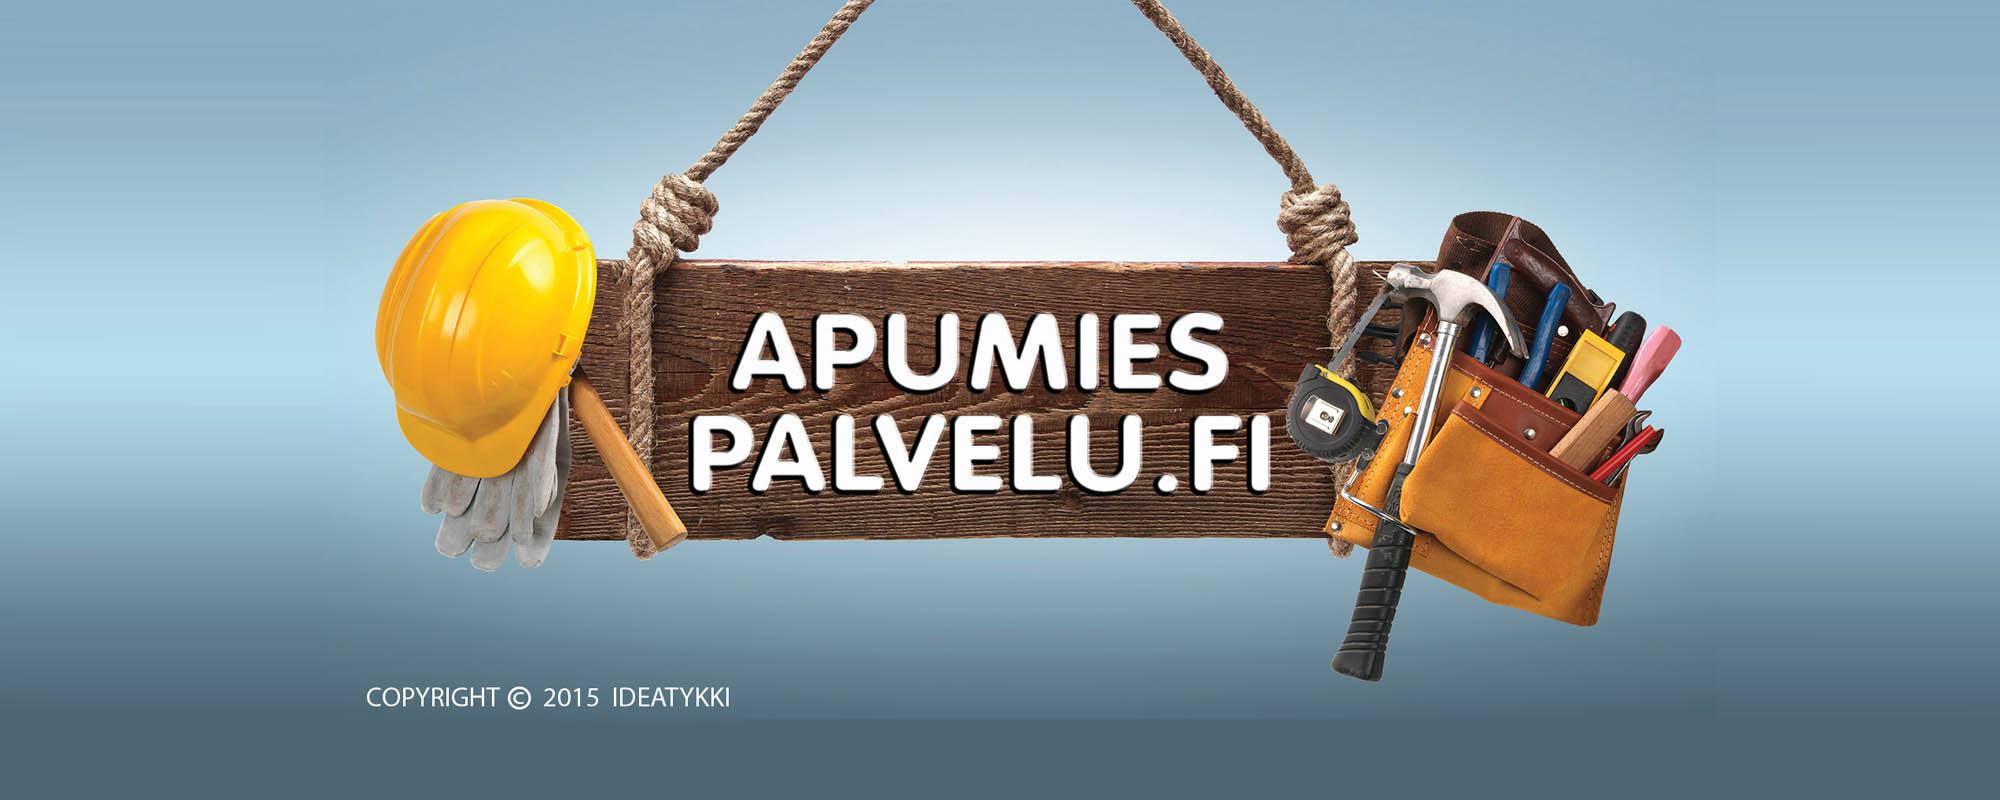 Apumiespalvelu.fi